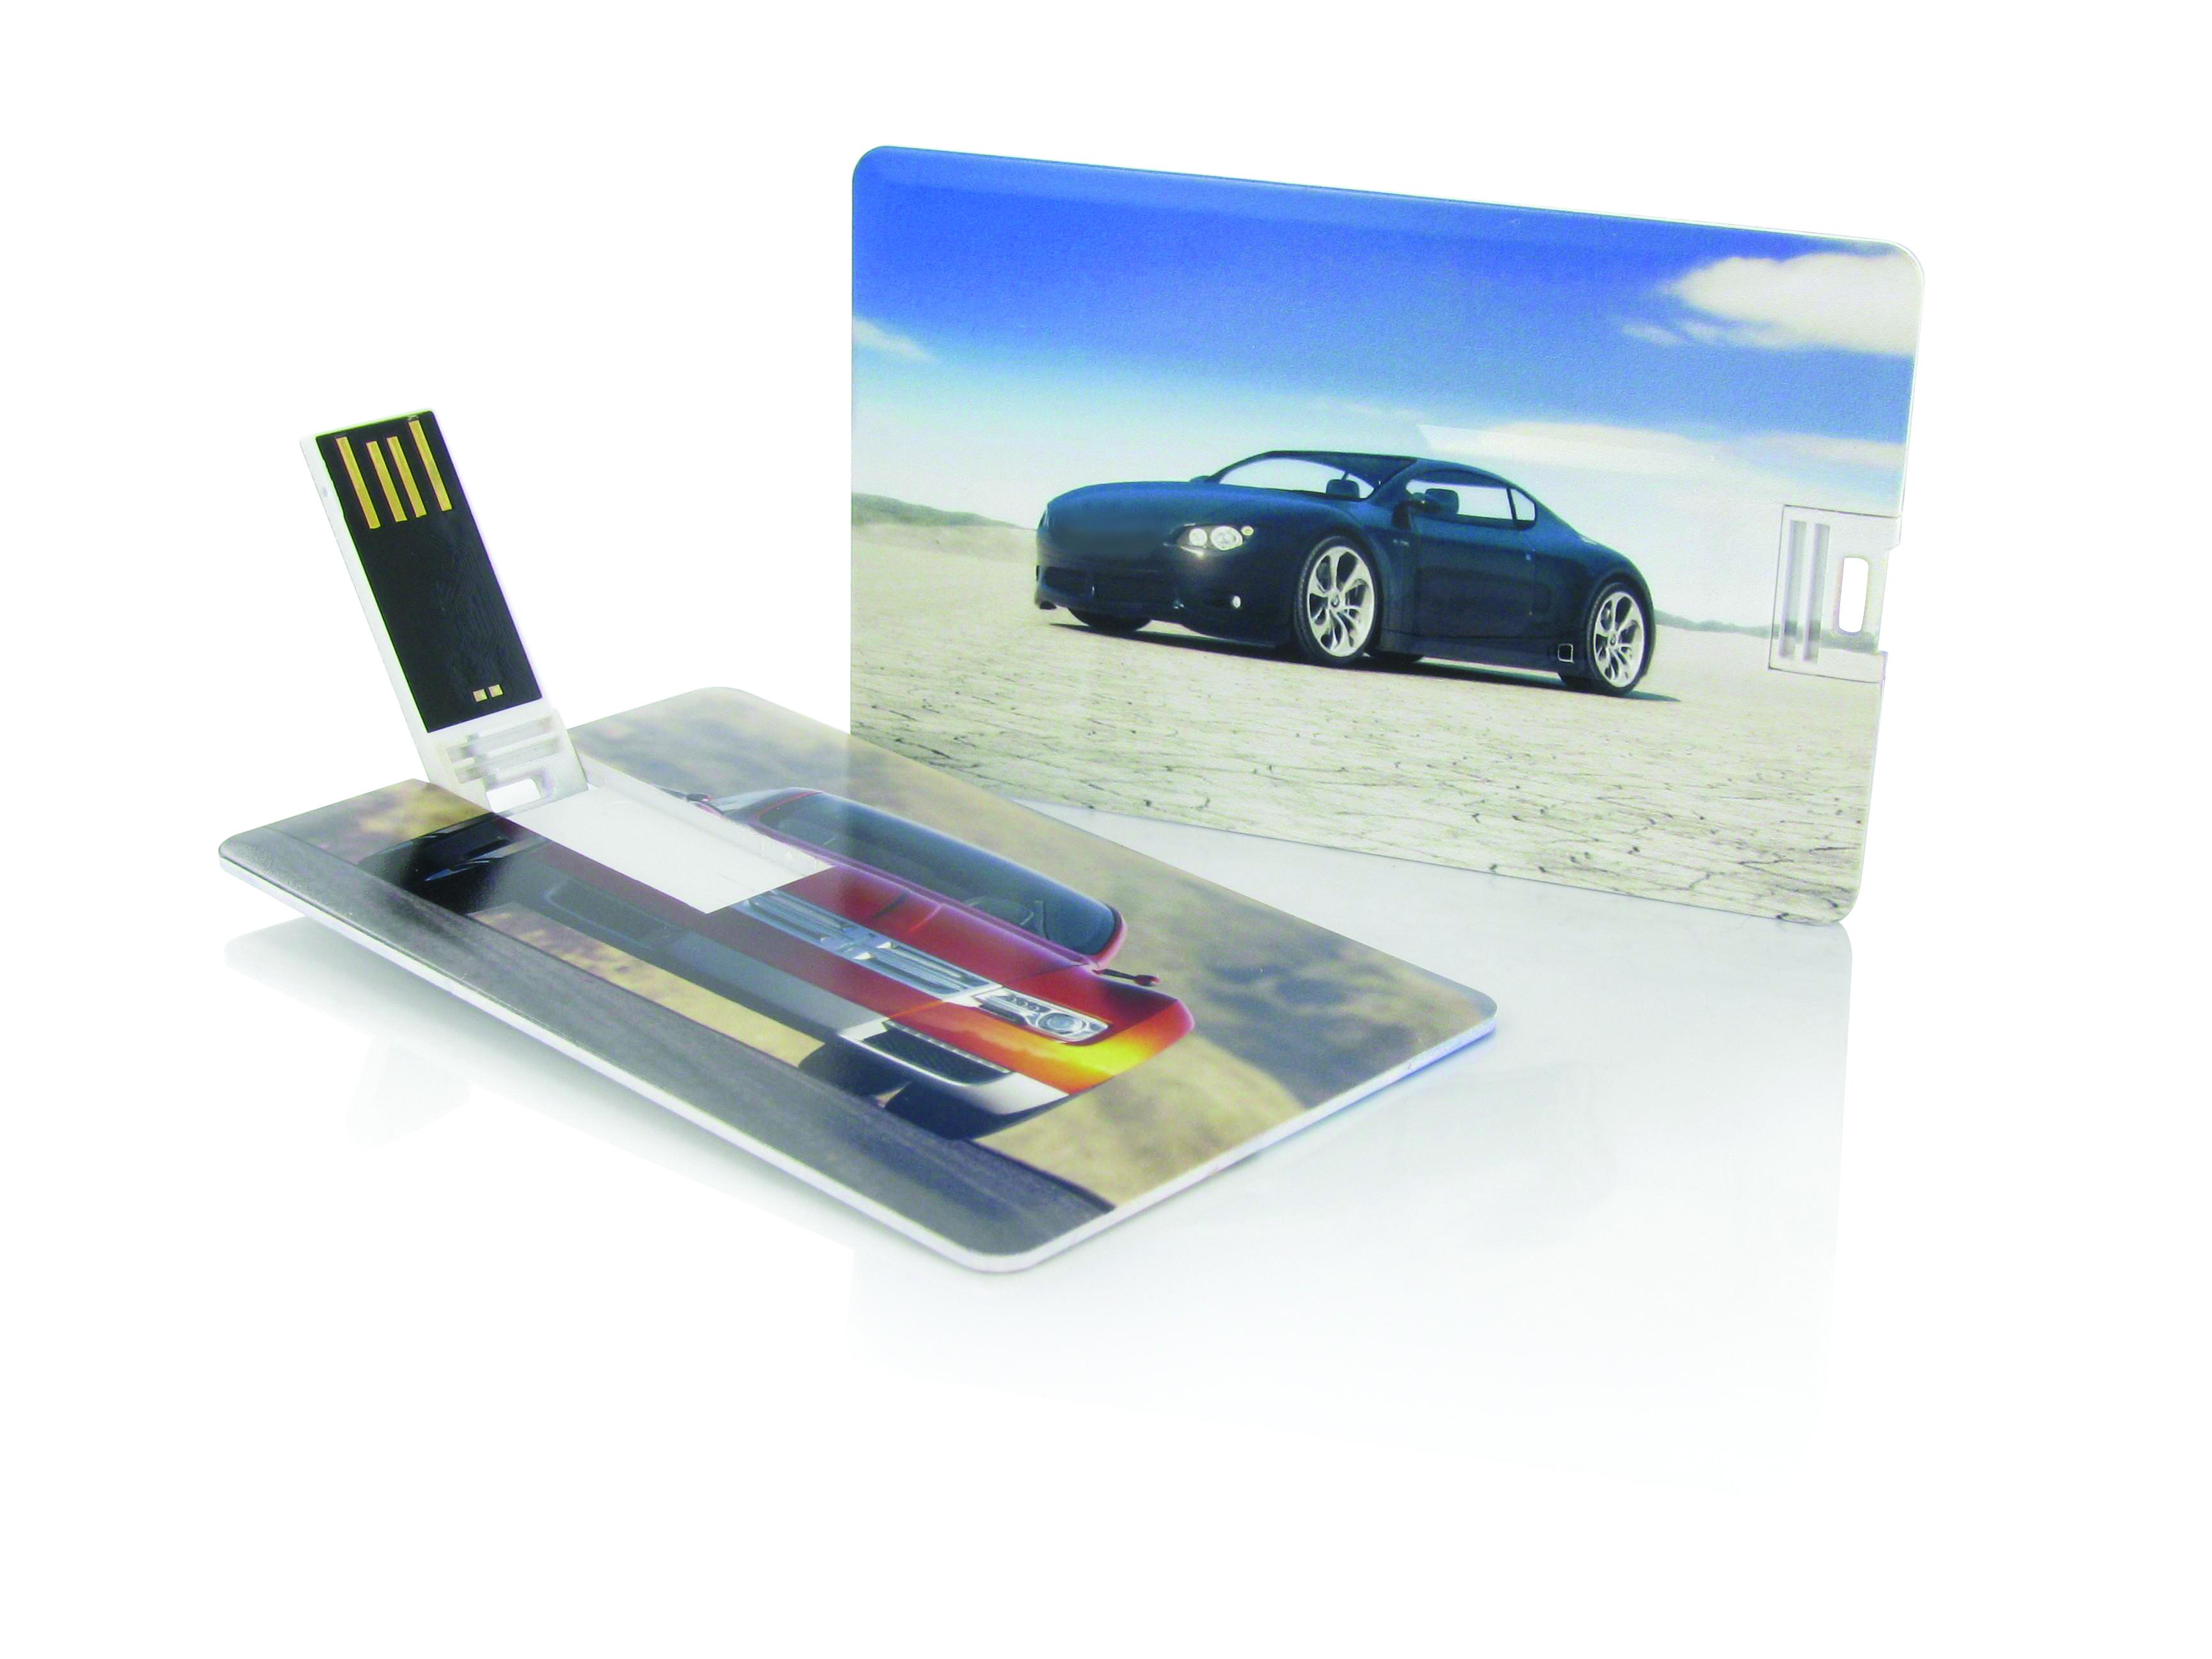 usb karte USB Karte 2 GB mit Druck als Werbemittel   Kundenpräsent